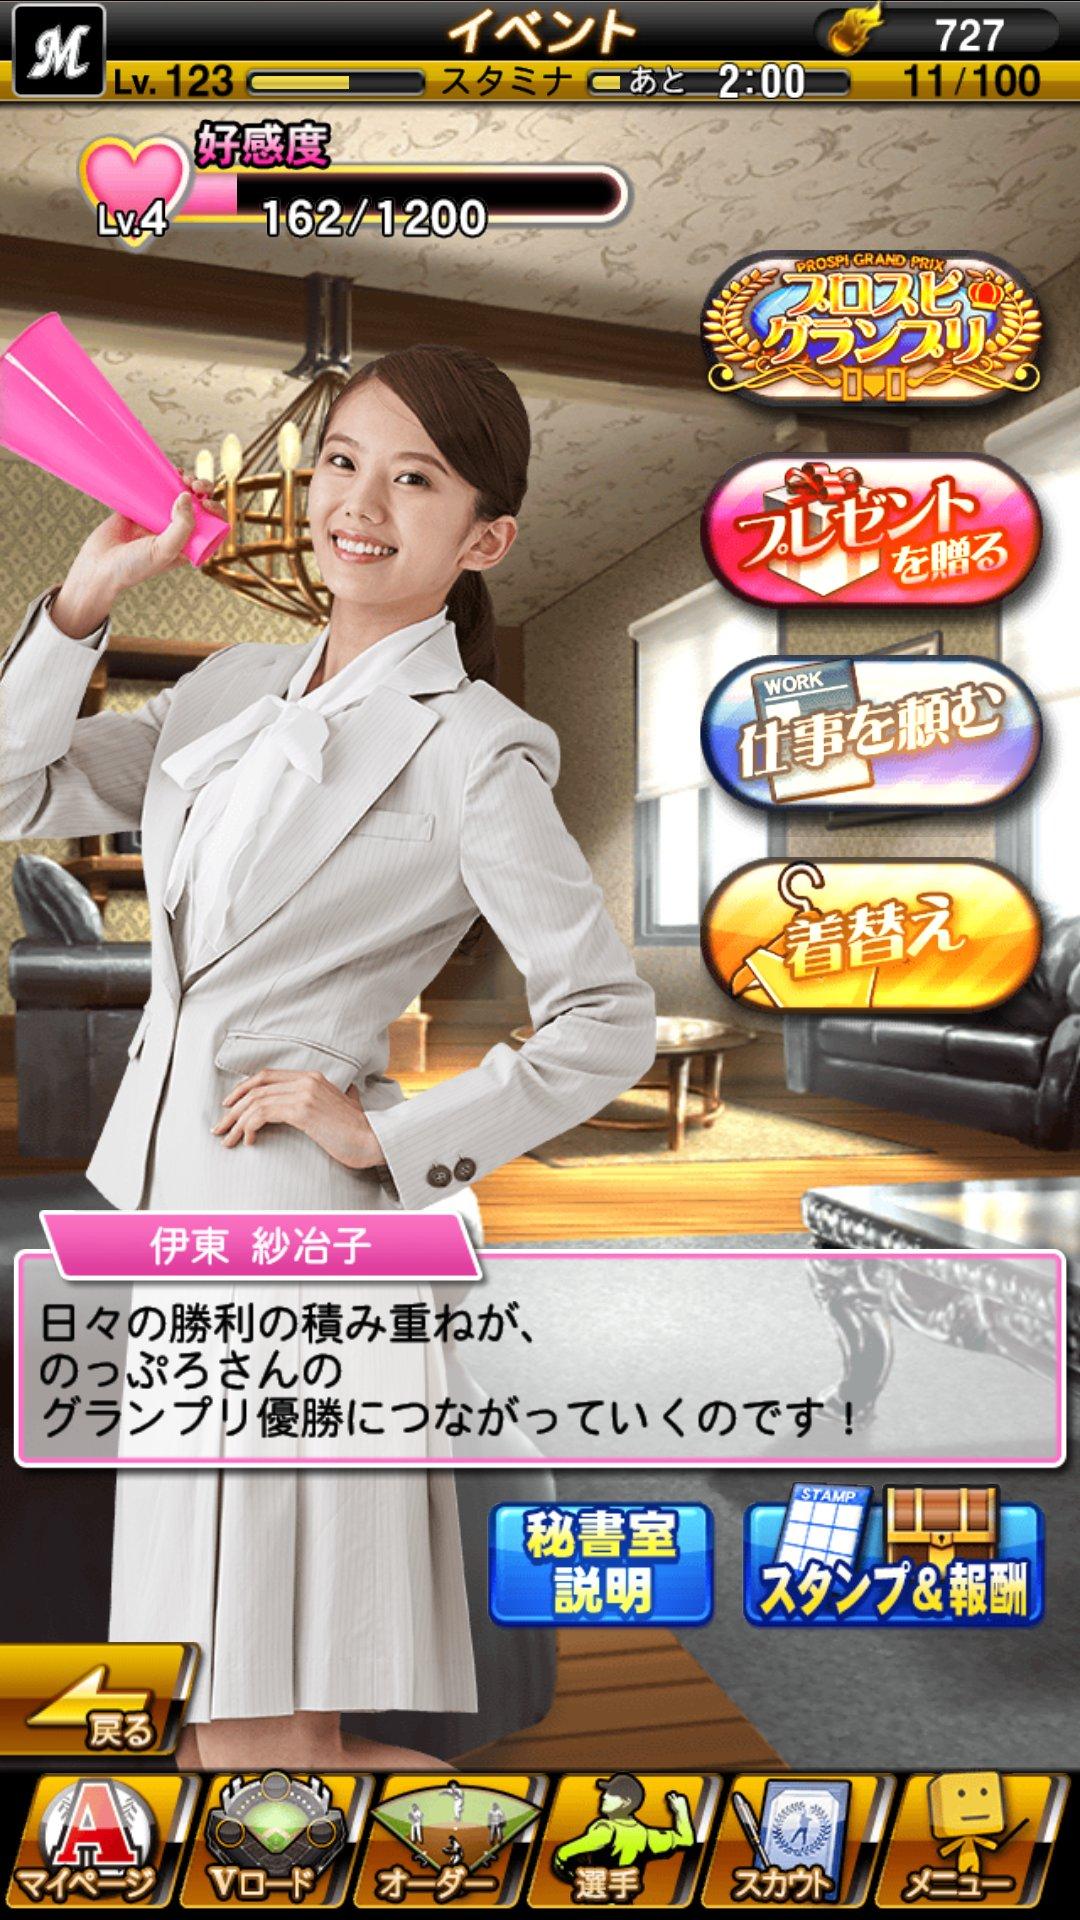 スーツ姿の伊東紗治子の画像です。